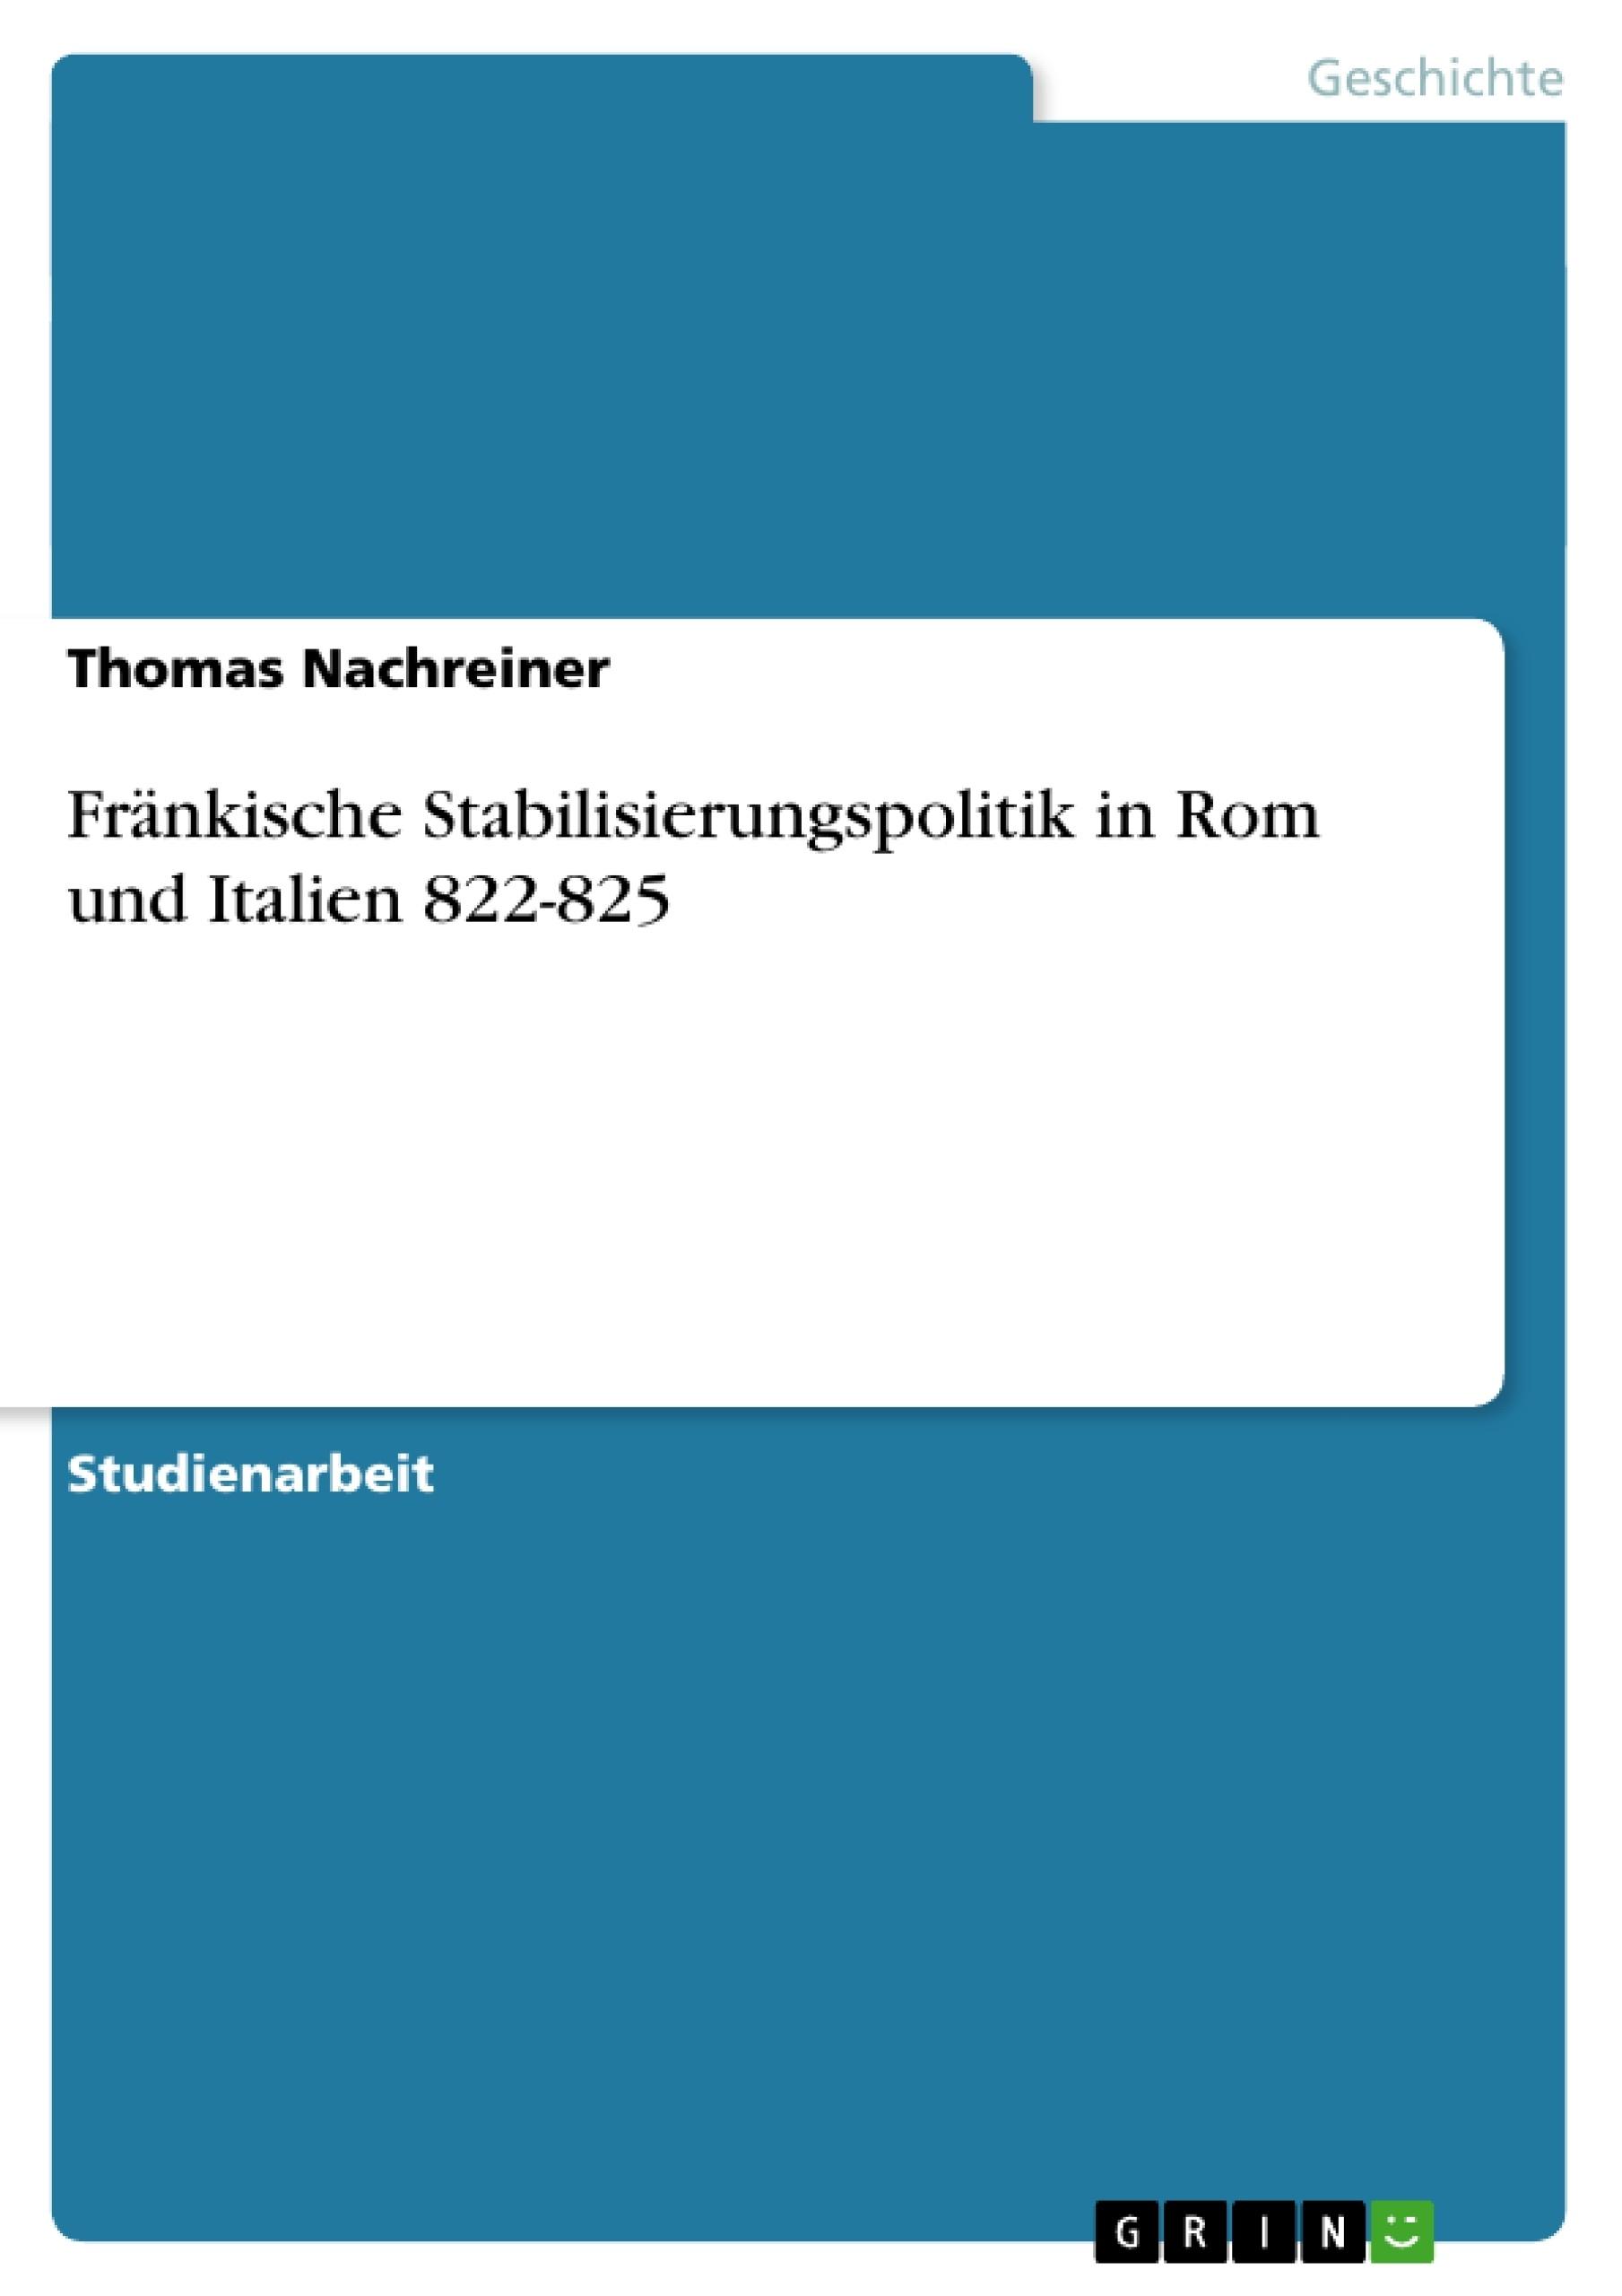 Titel: Fränkische Stabilisierungspolitik in Rom und Italien 822-825